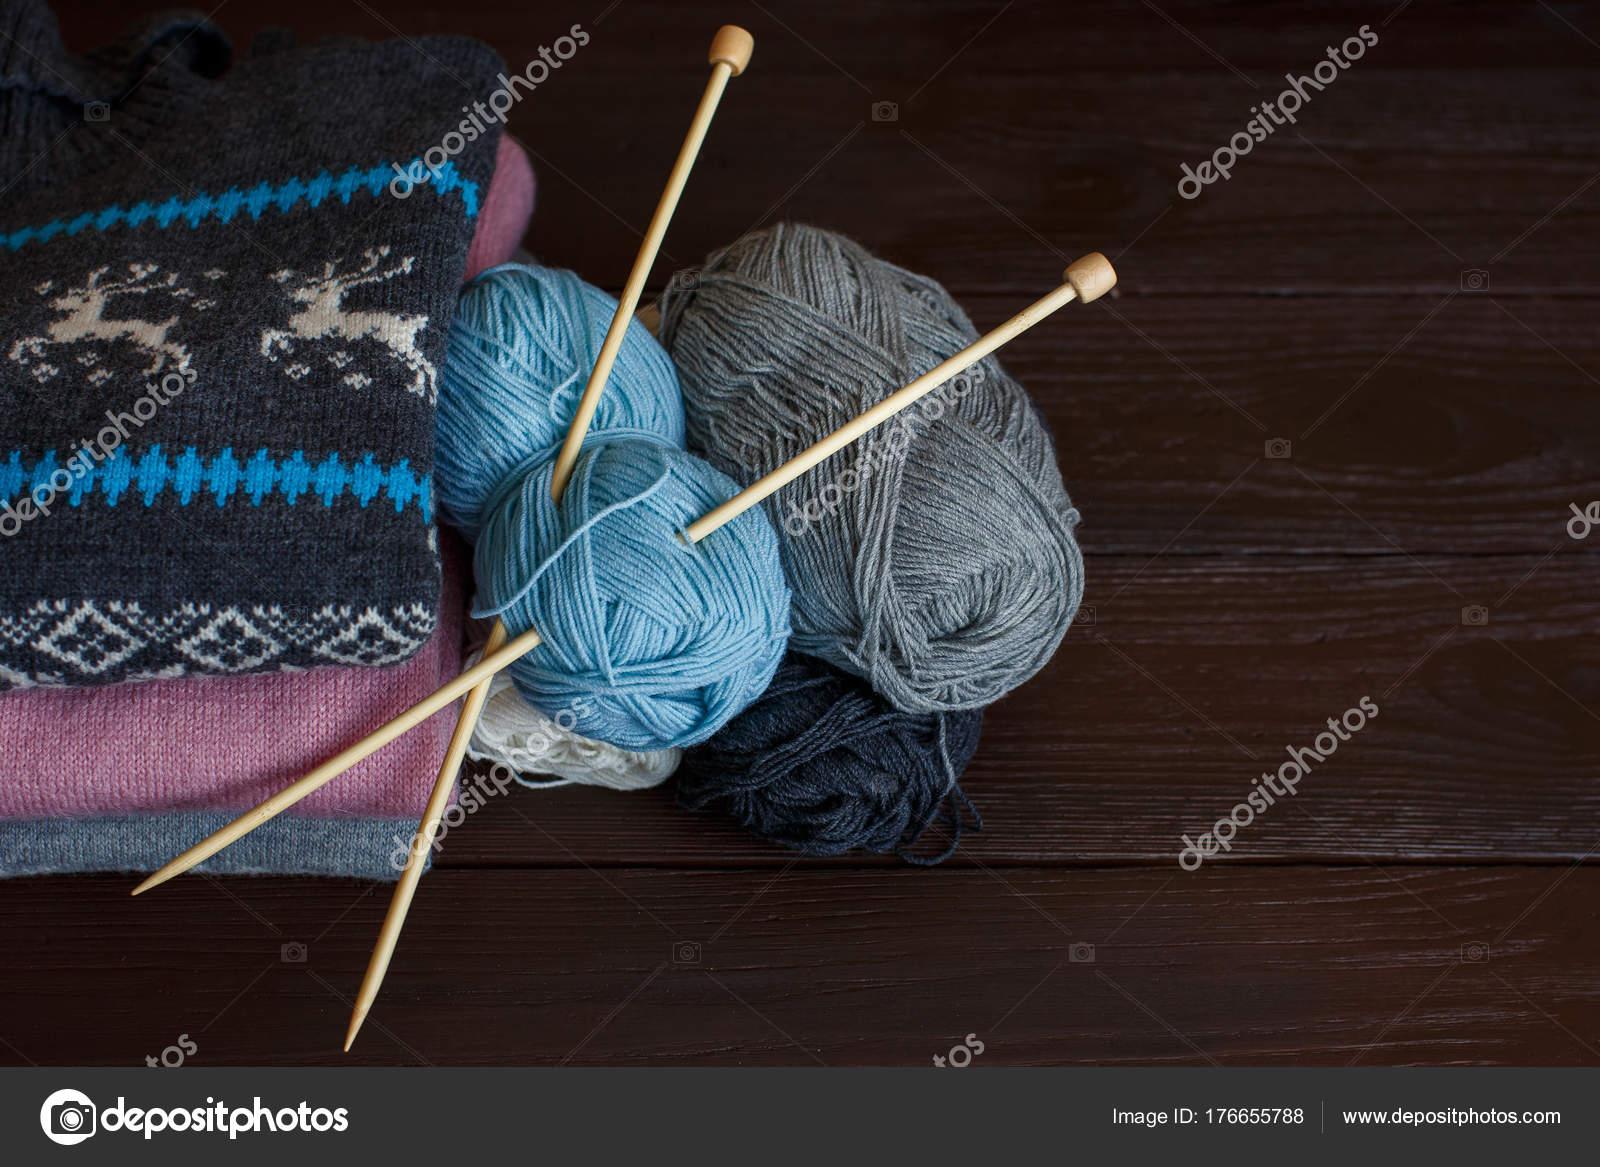 вязание стиль жизни стоковое фото Kkshepel 176655788